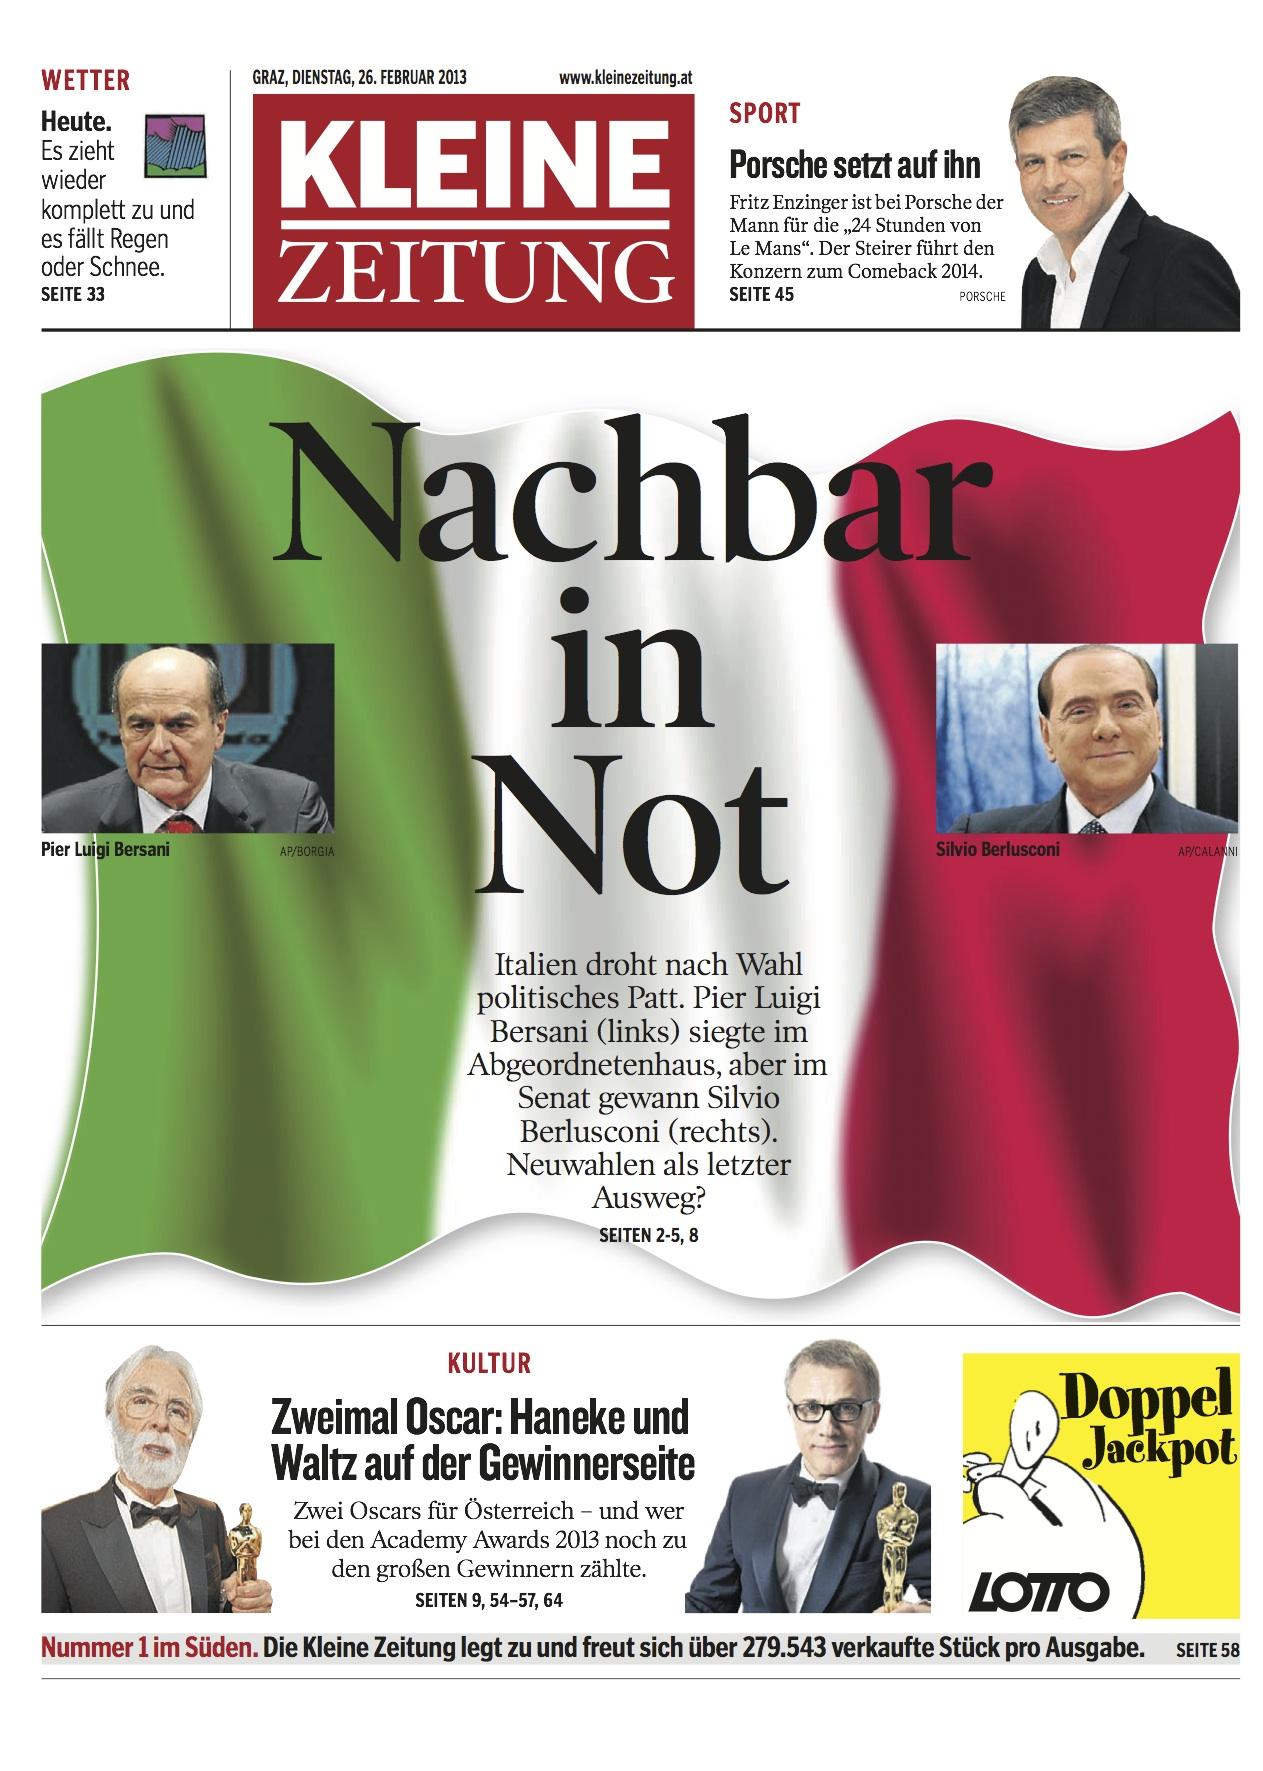 Kleine Zeitung headline